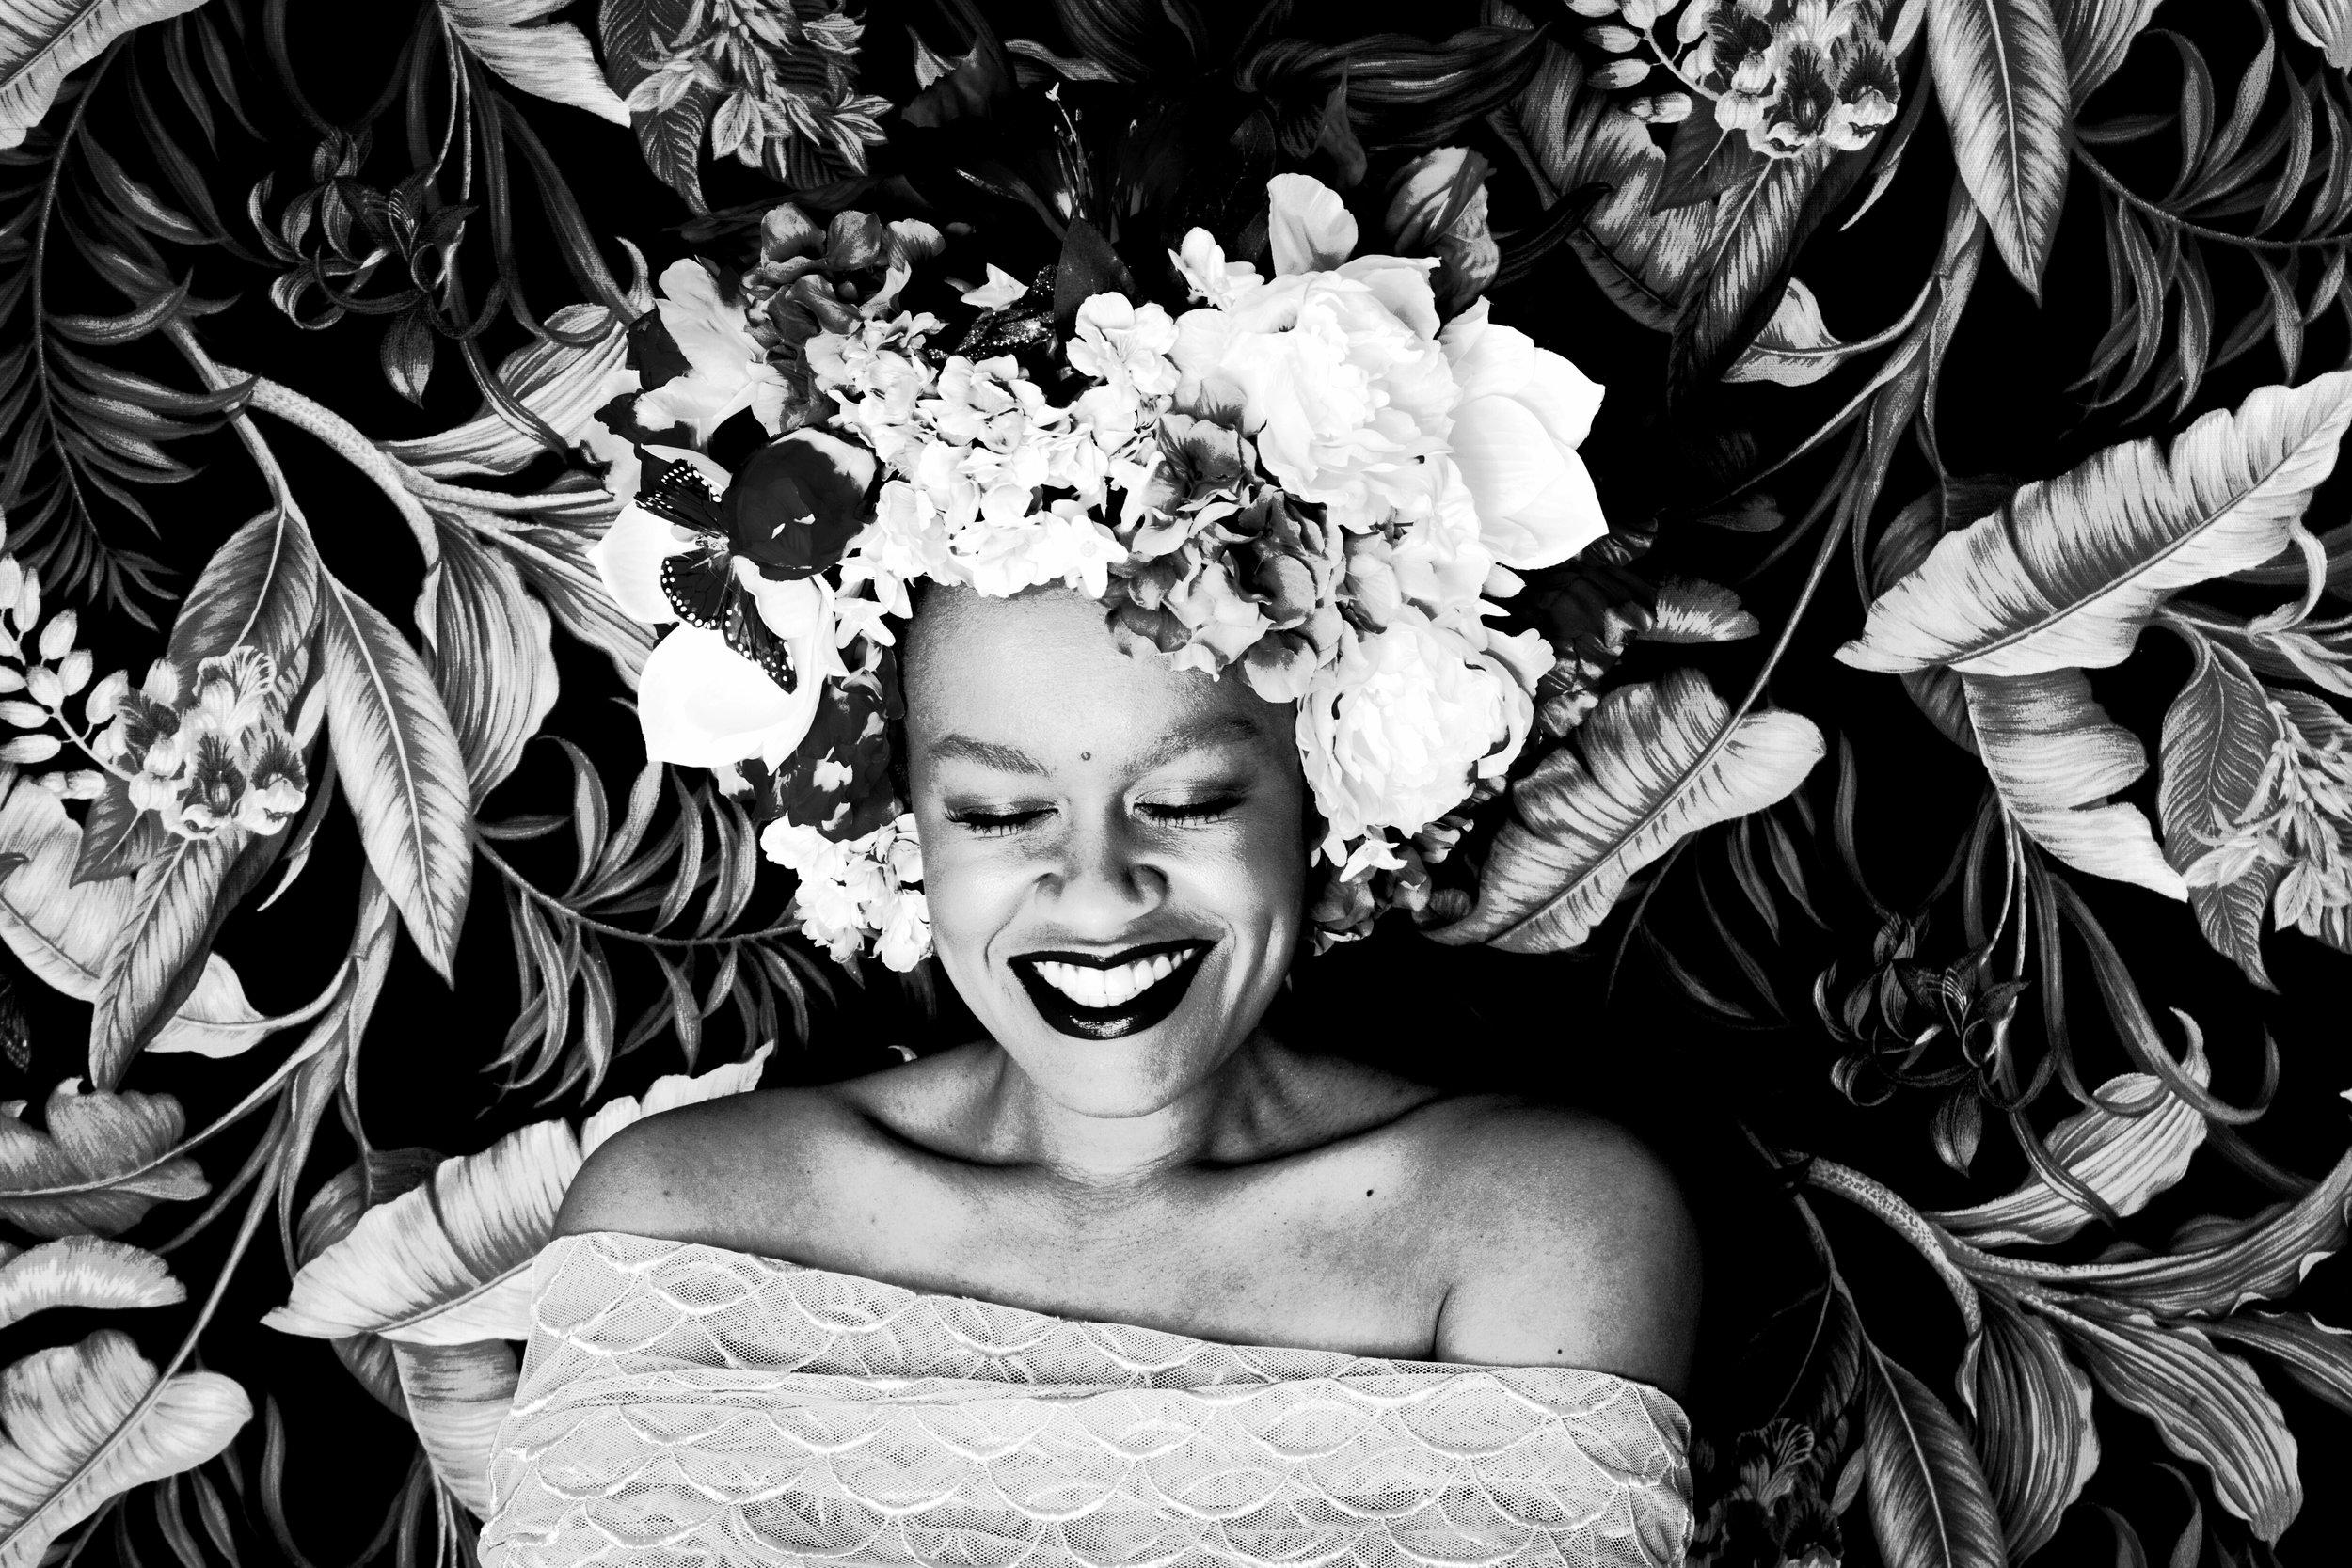 Photo by Ibra Acke. Art Direction by Wangechi Mutu